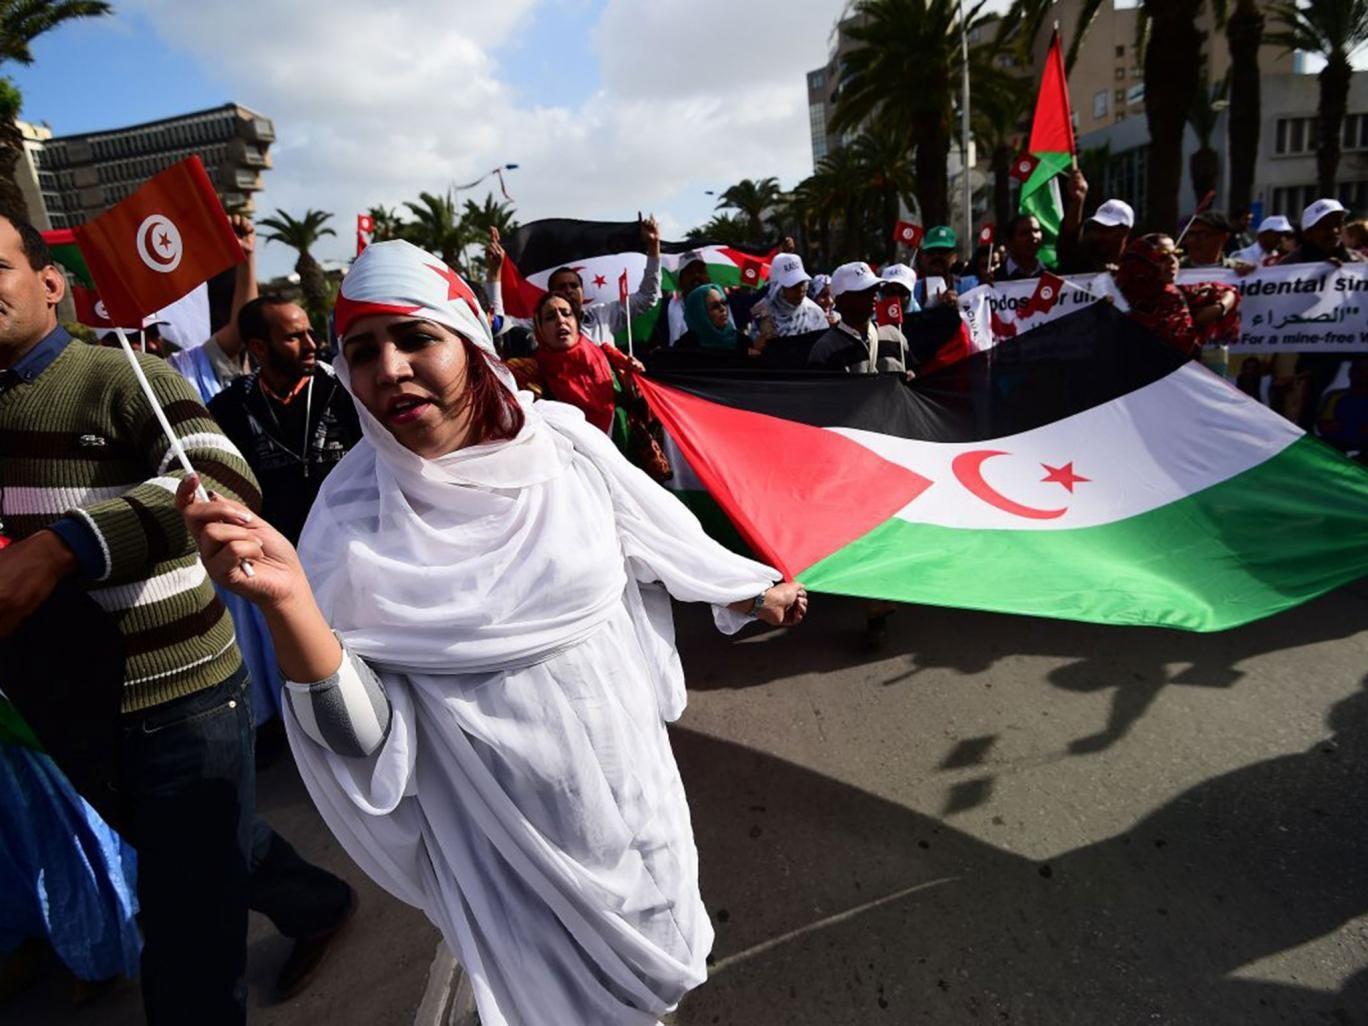 Batı Sahra: İşsizlik Eylemini Sürdüren Sahraviler Açlık Grevinde